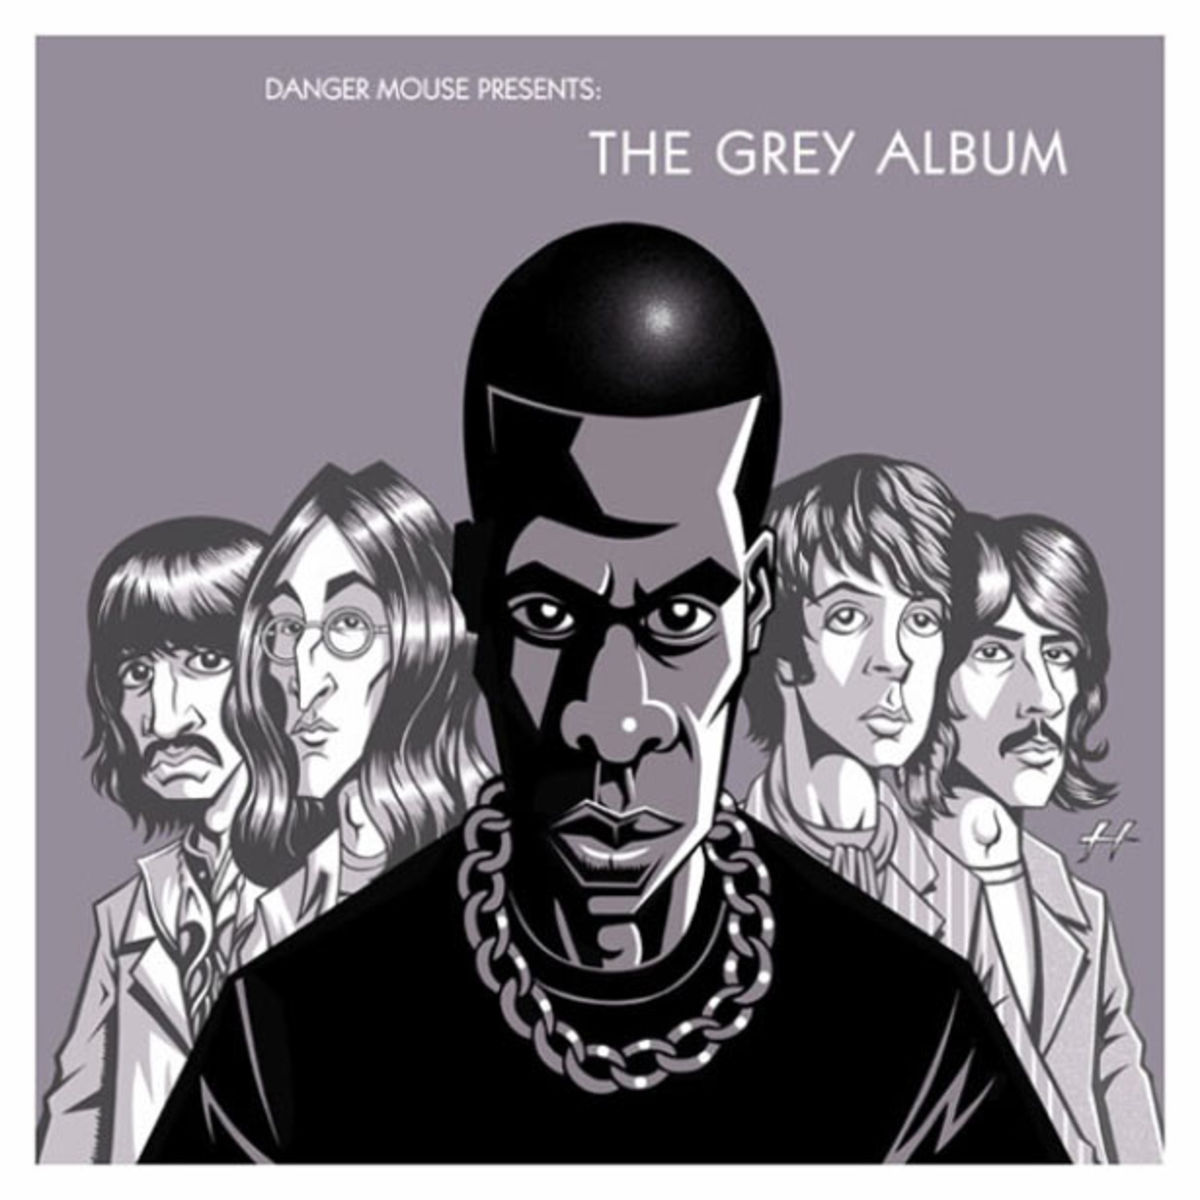 Mashup Mondy: Danger Mouse's Gray Album